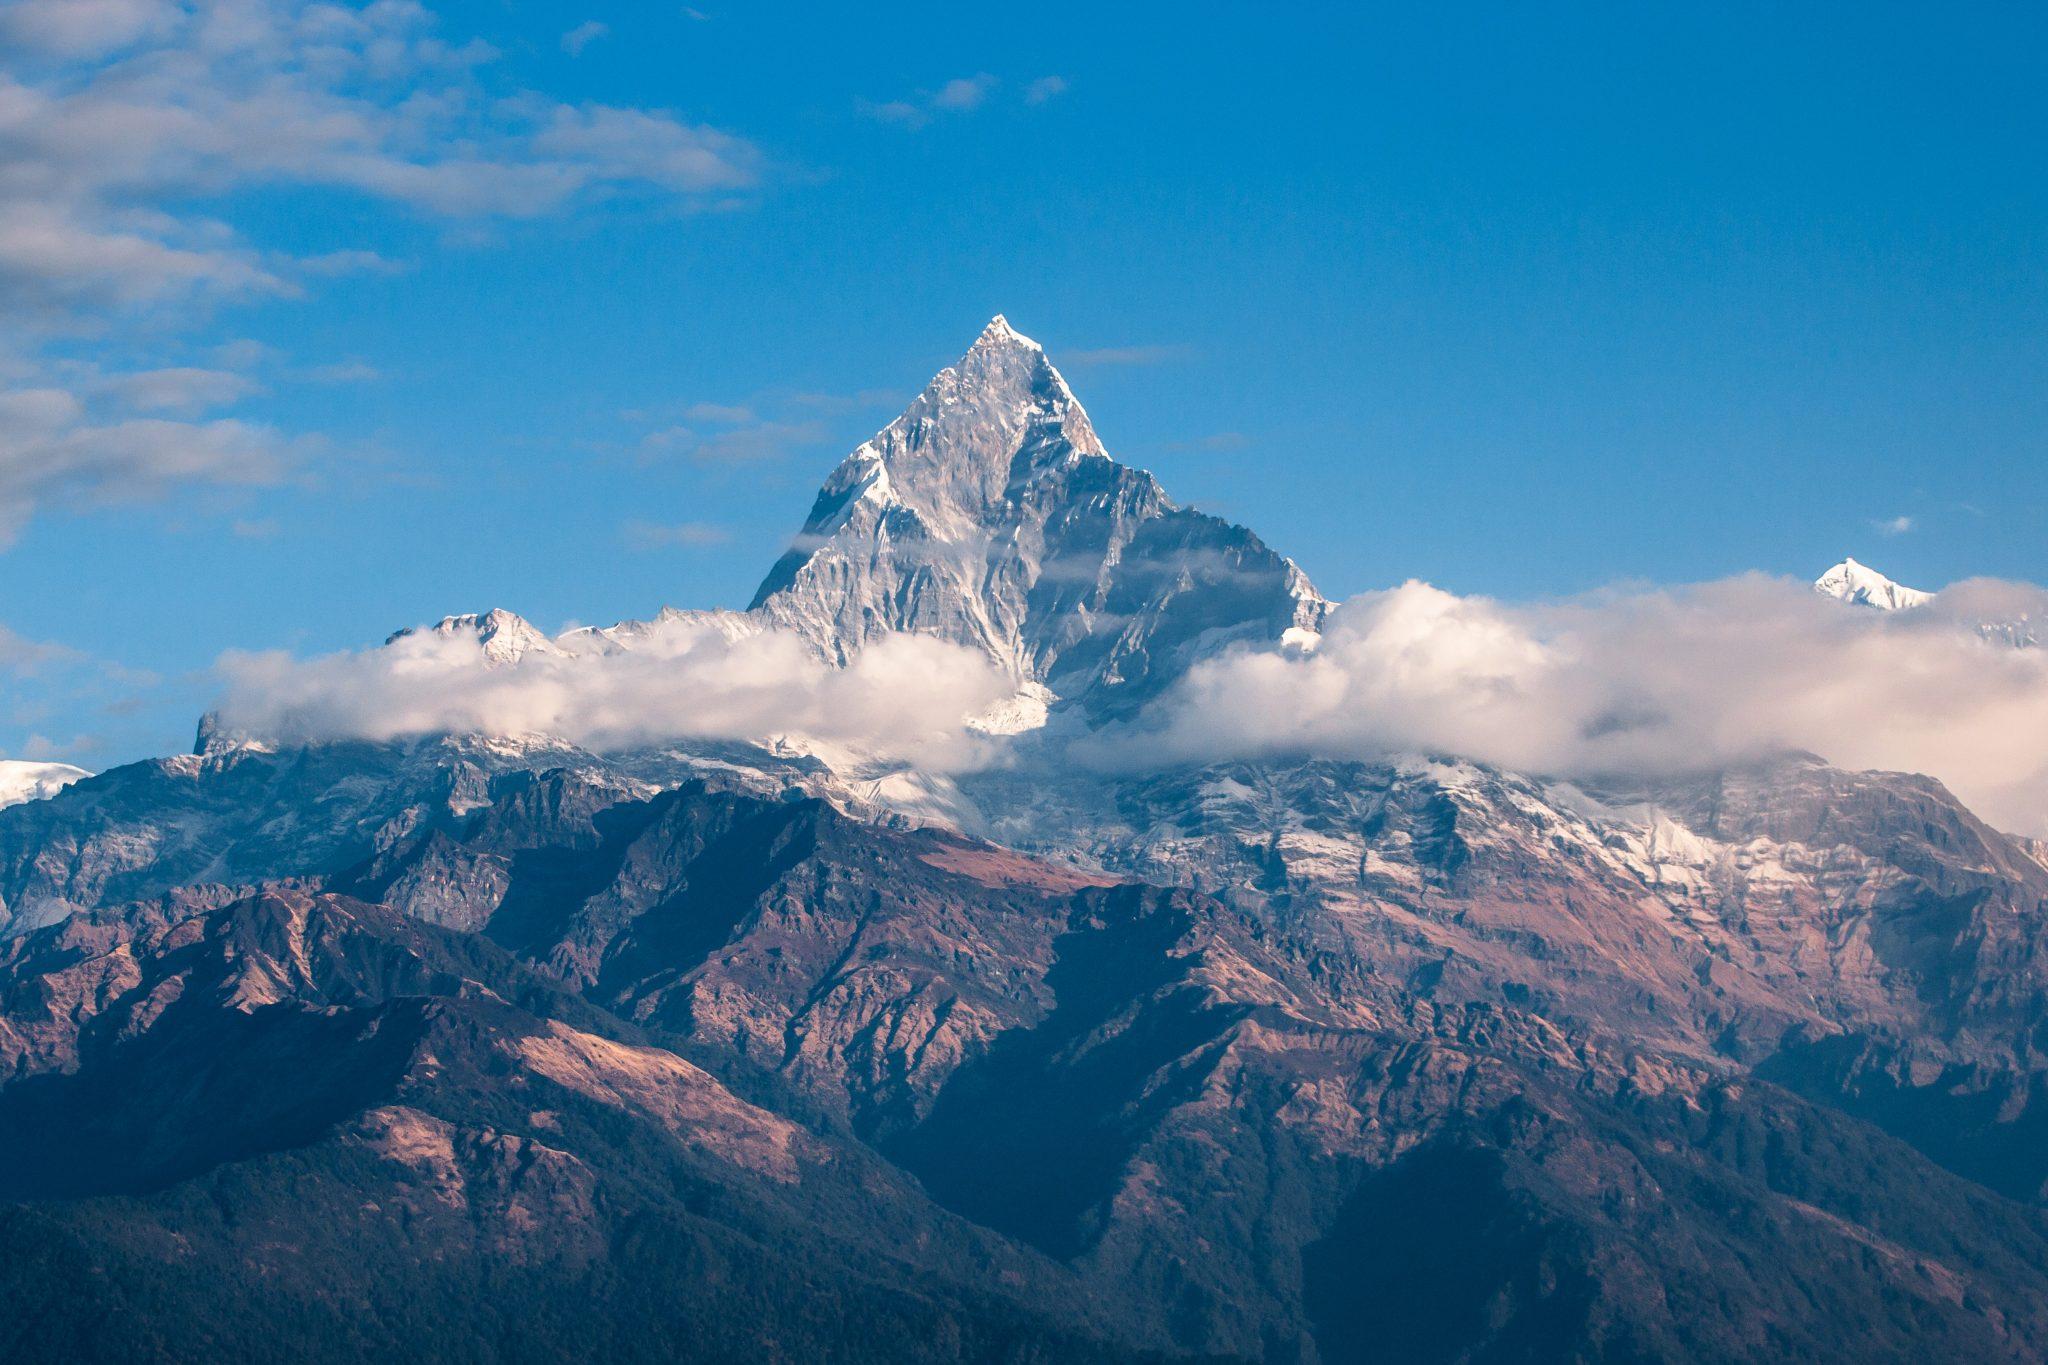 Nepal - Himilayas